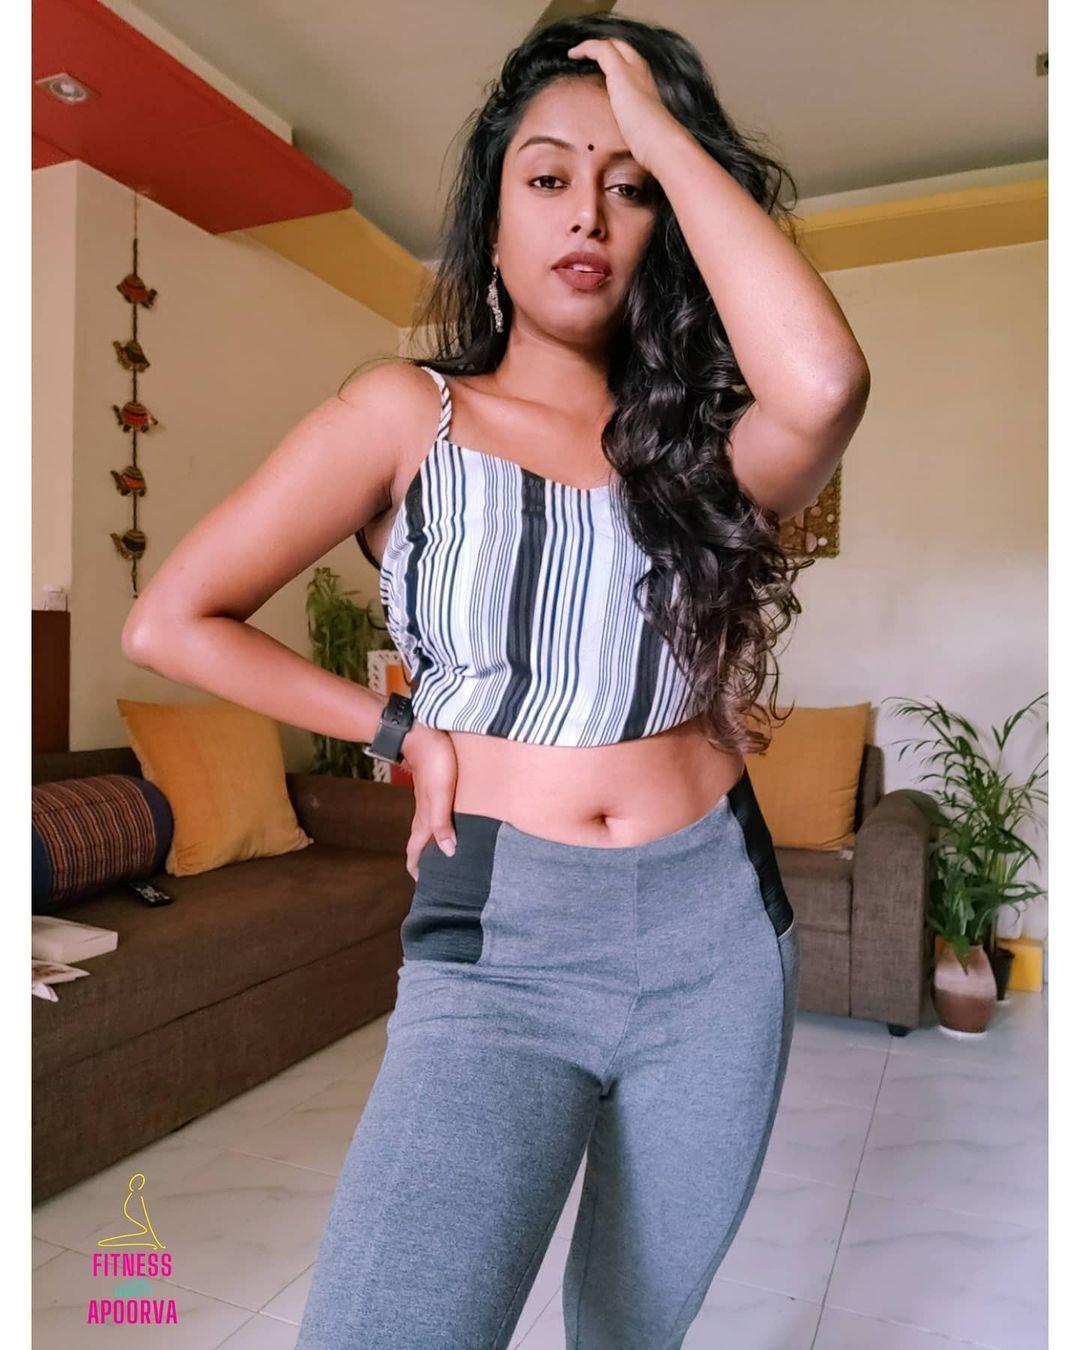 Instagram star Apoorva Jayarajan Photo Gallery (37)